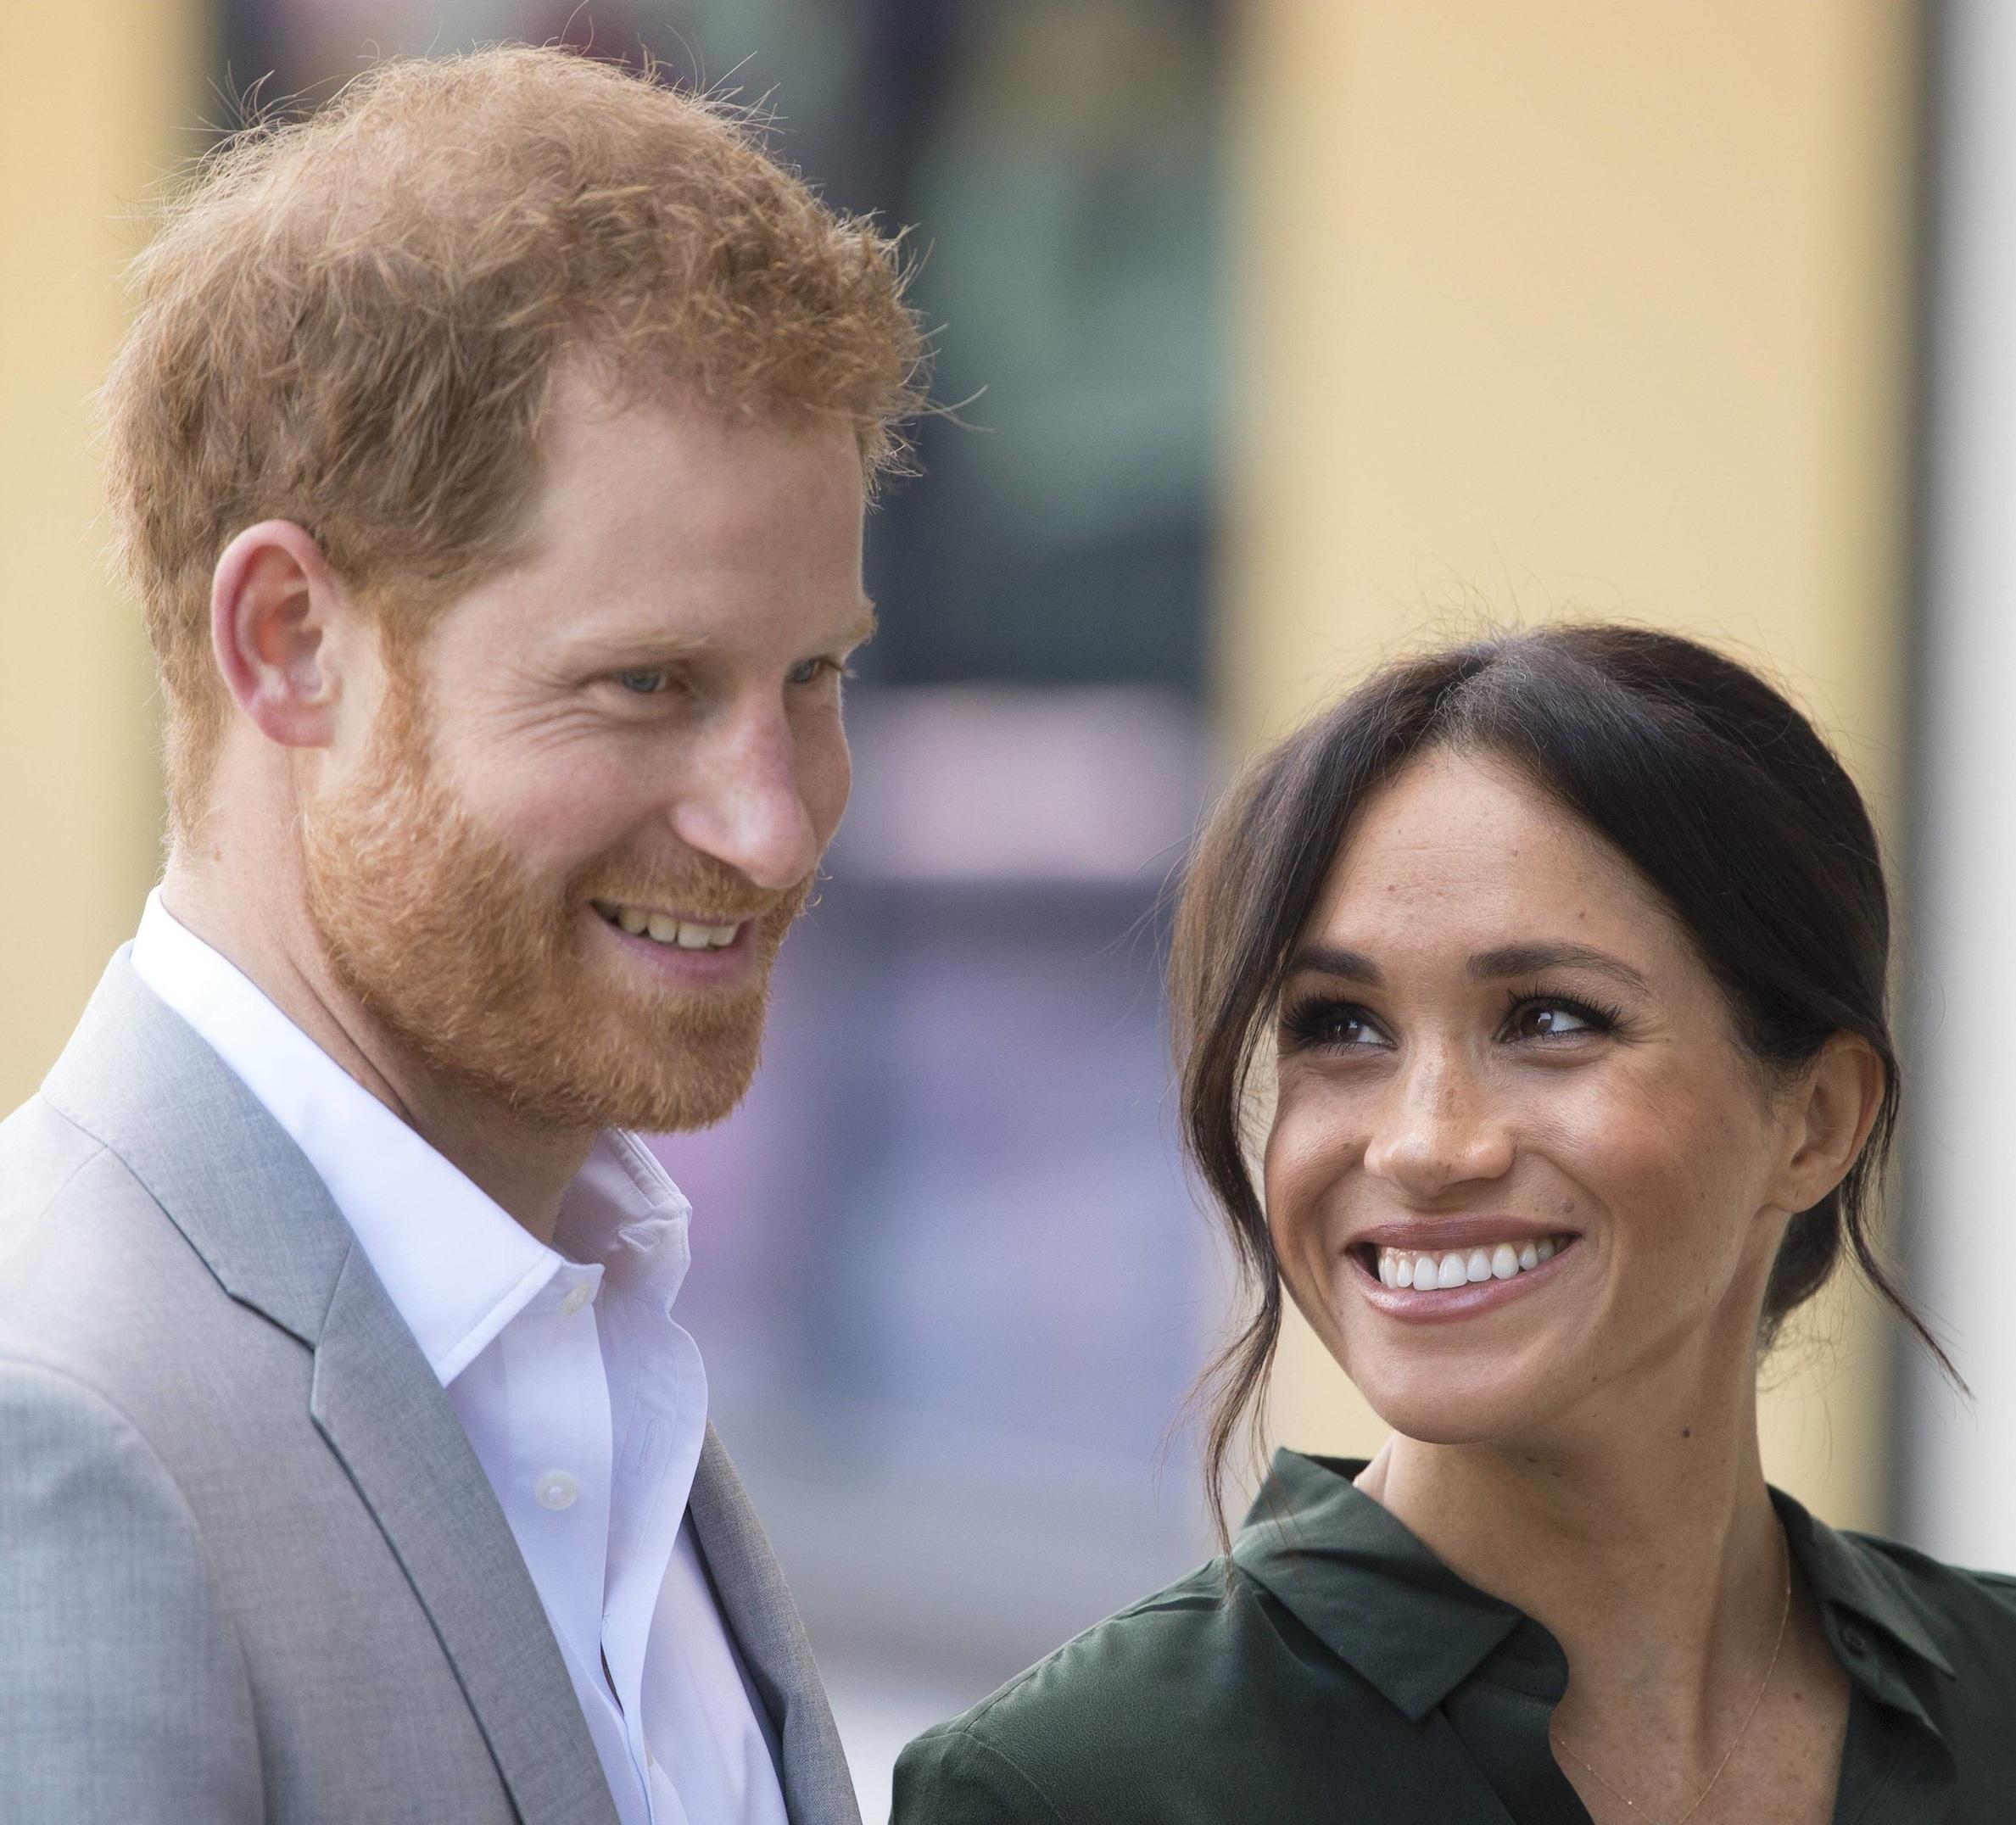 Prinz Harry und Herzogin Meghan könnten nicht glücklicher sein: Sie freuen sich über die Geburt ihres ersten Babys.  ©imago/i Images